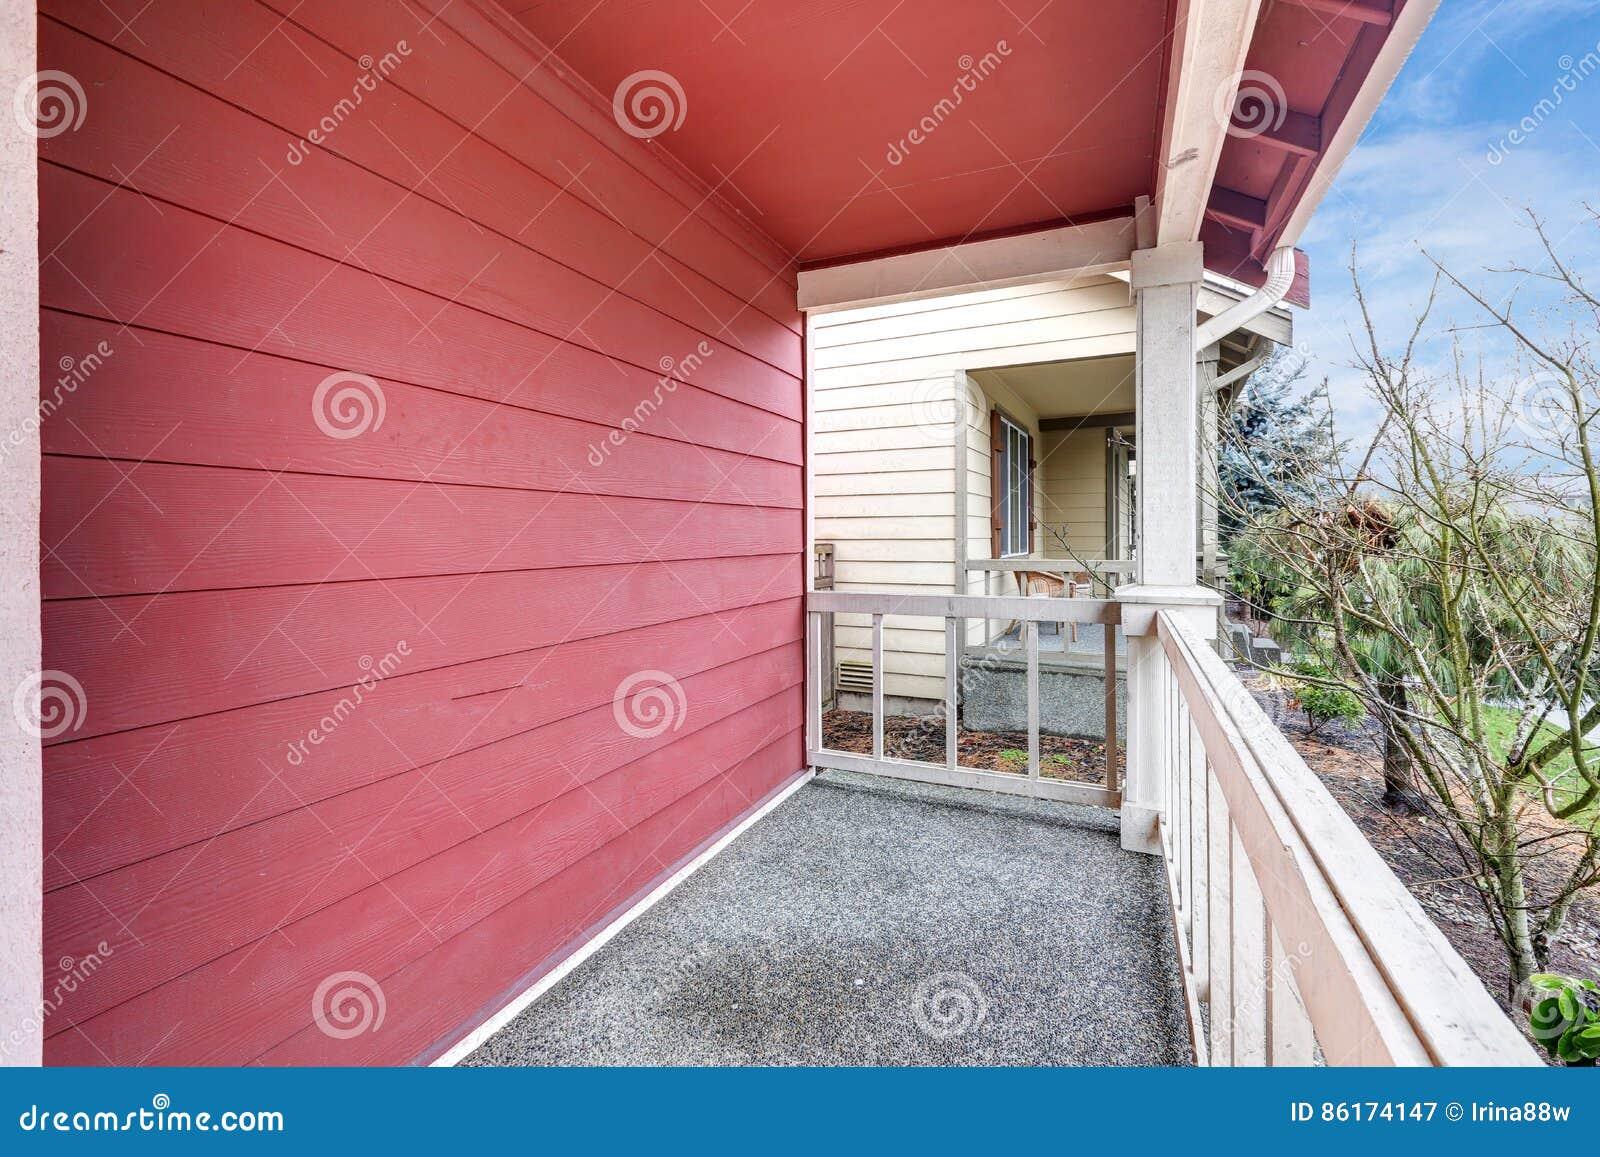 Zakrywający czerwony ganek frontowy z poręczami